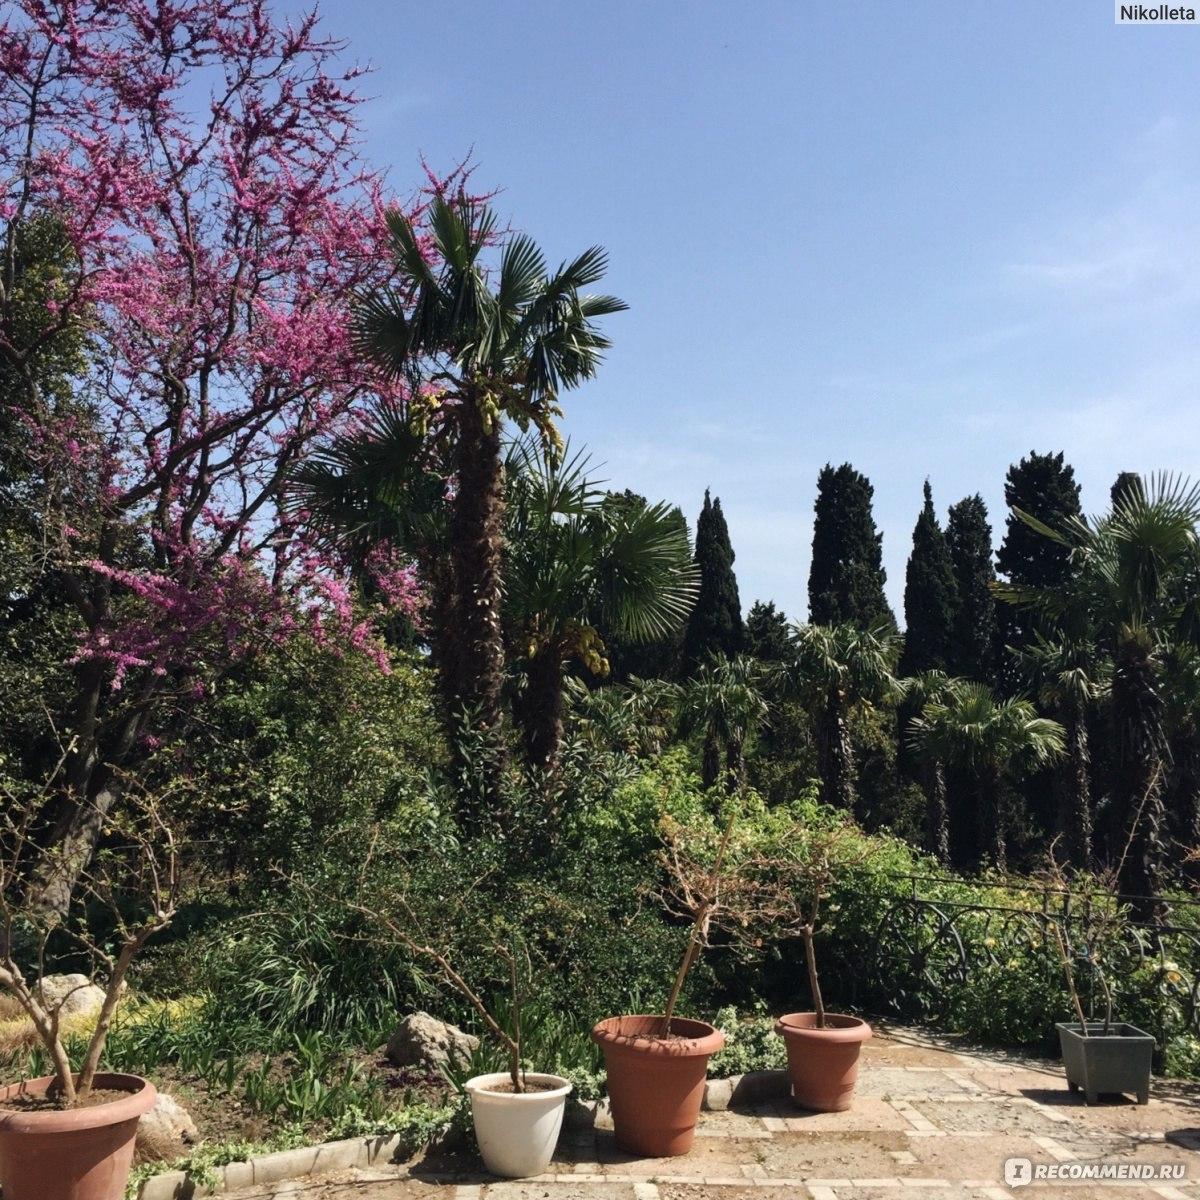 Купить косметику никитского ботанического сада декоративная косметика revlon где купить